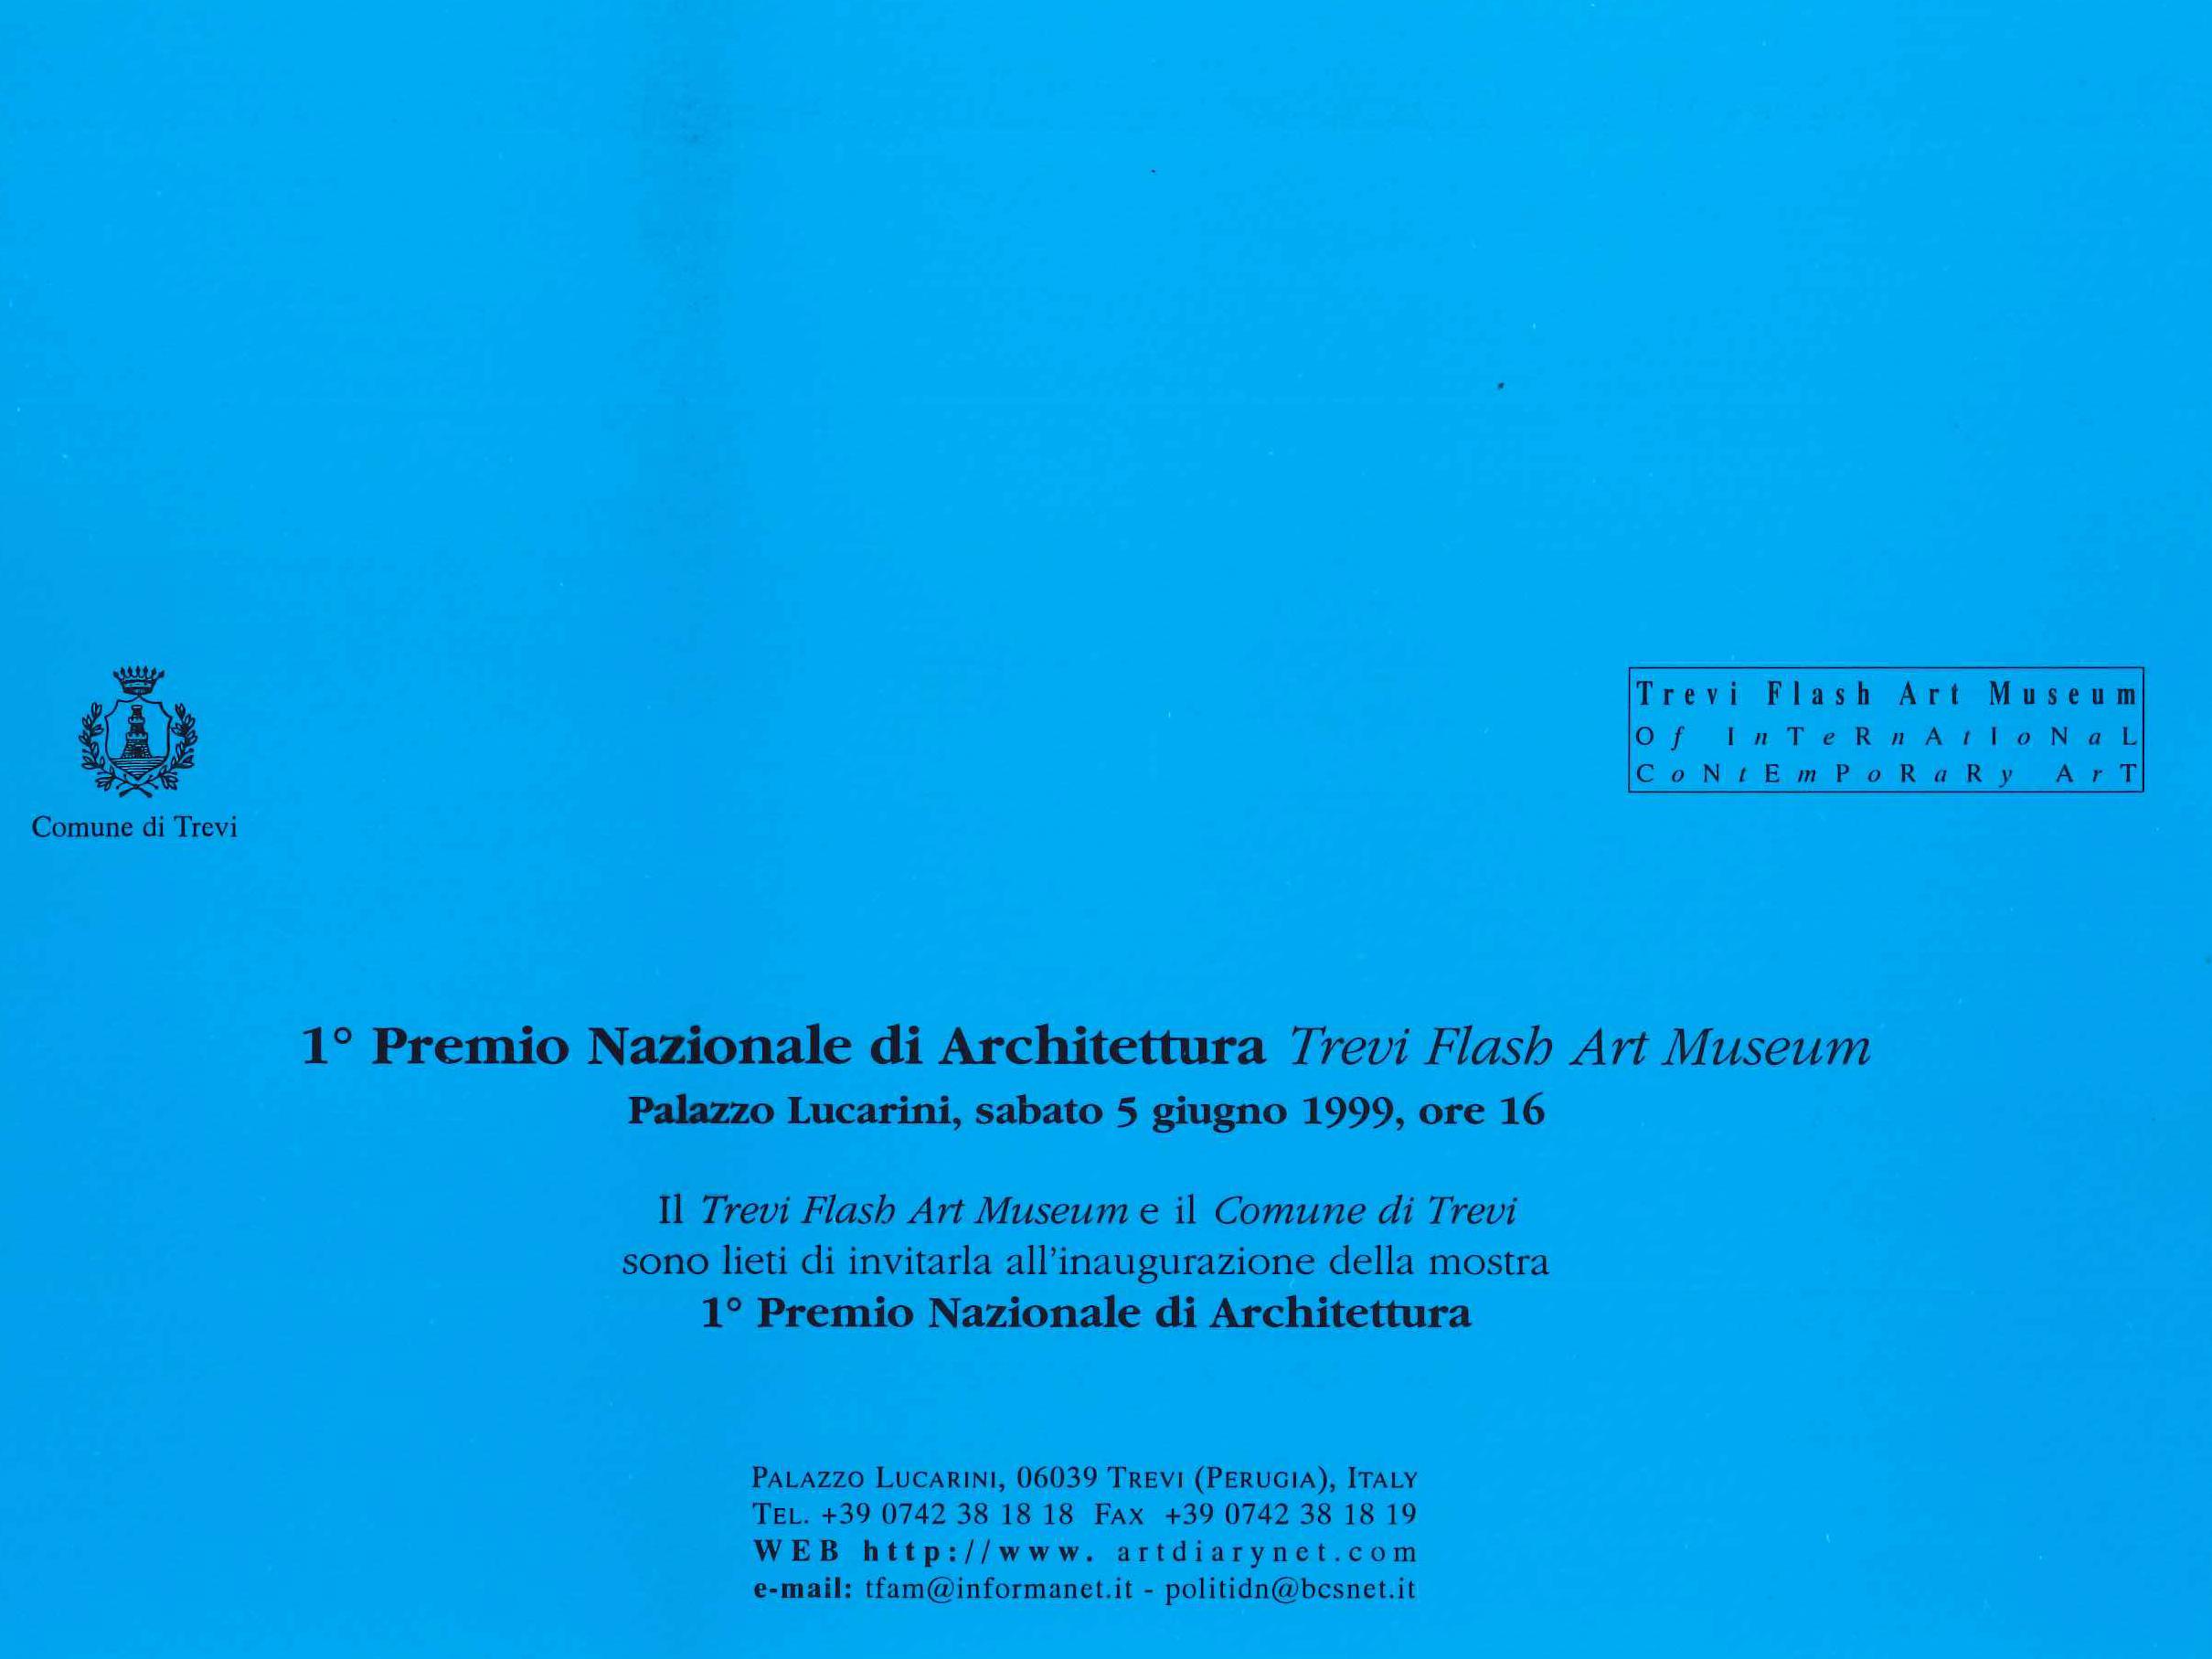 1° Premio Nazionale Trevi Flash Art Museum, 1999